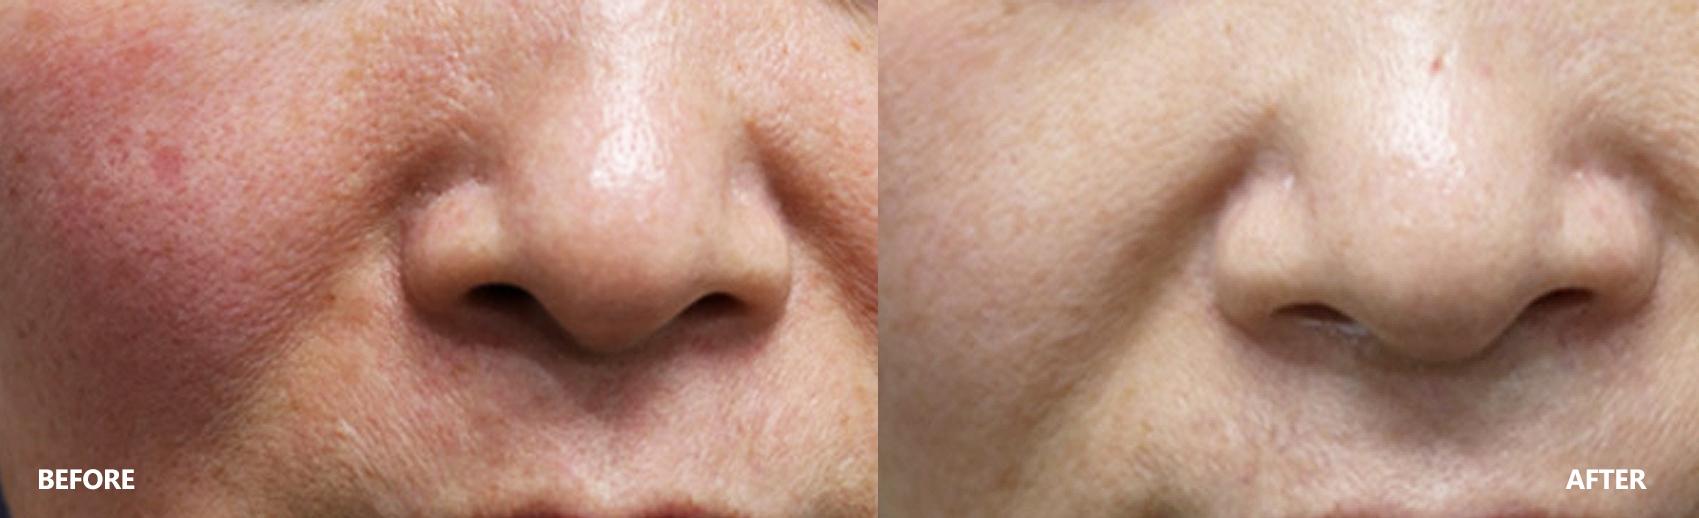 skin-result-2